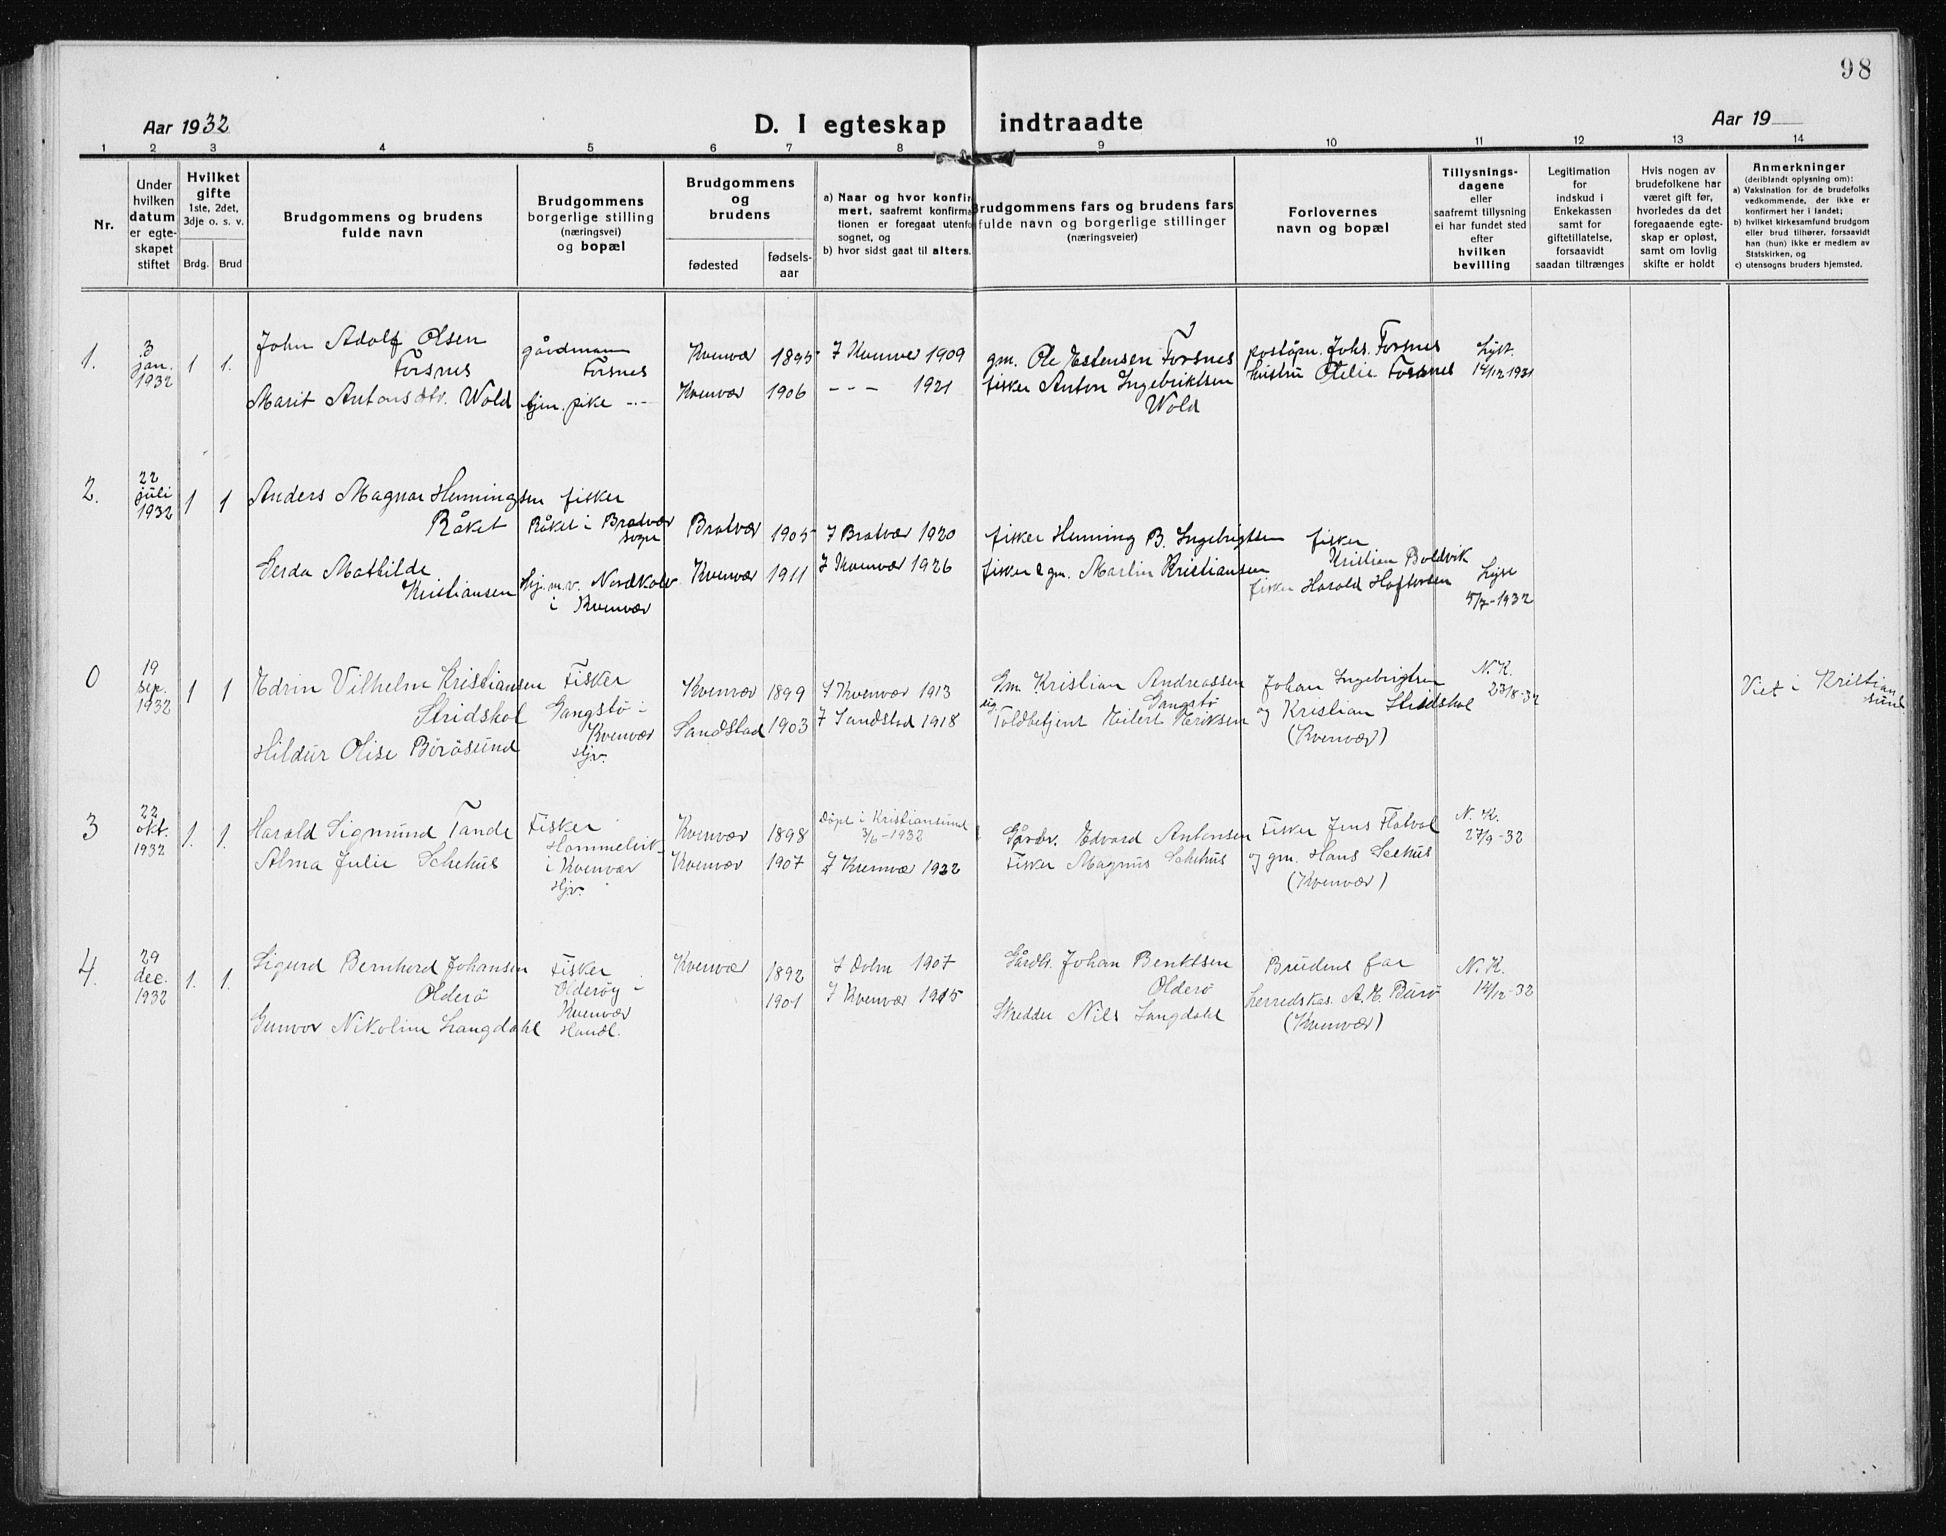 SAT, Ministerialprotokoller, klokkerbøker og fødselsregistre - Sør-Trøndelag, 635/L0554: Klokkerbok nr. 635C02, 1919-1942, s. 98